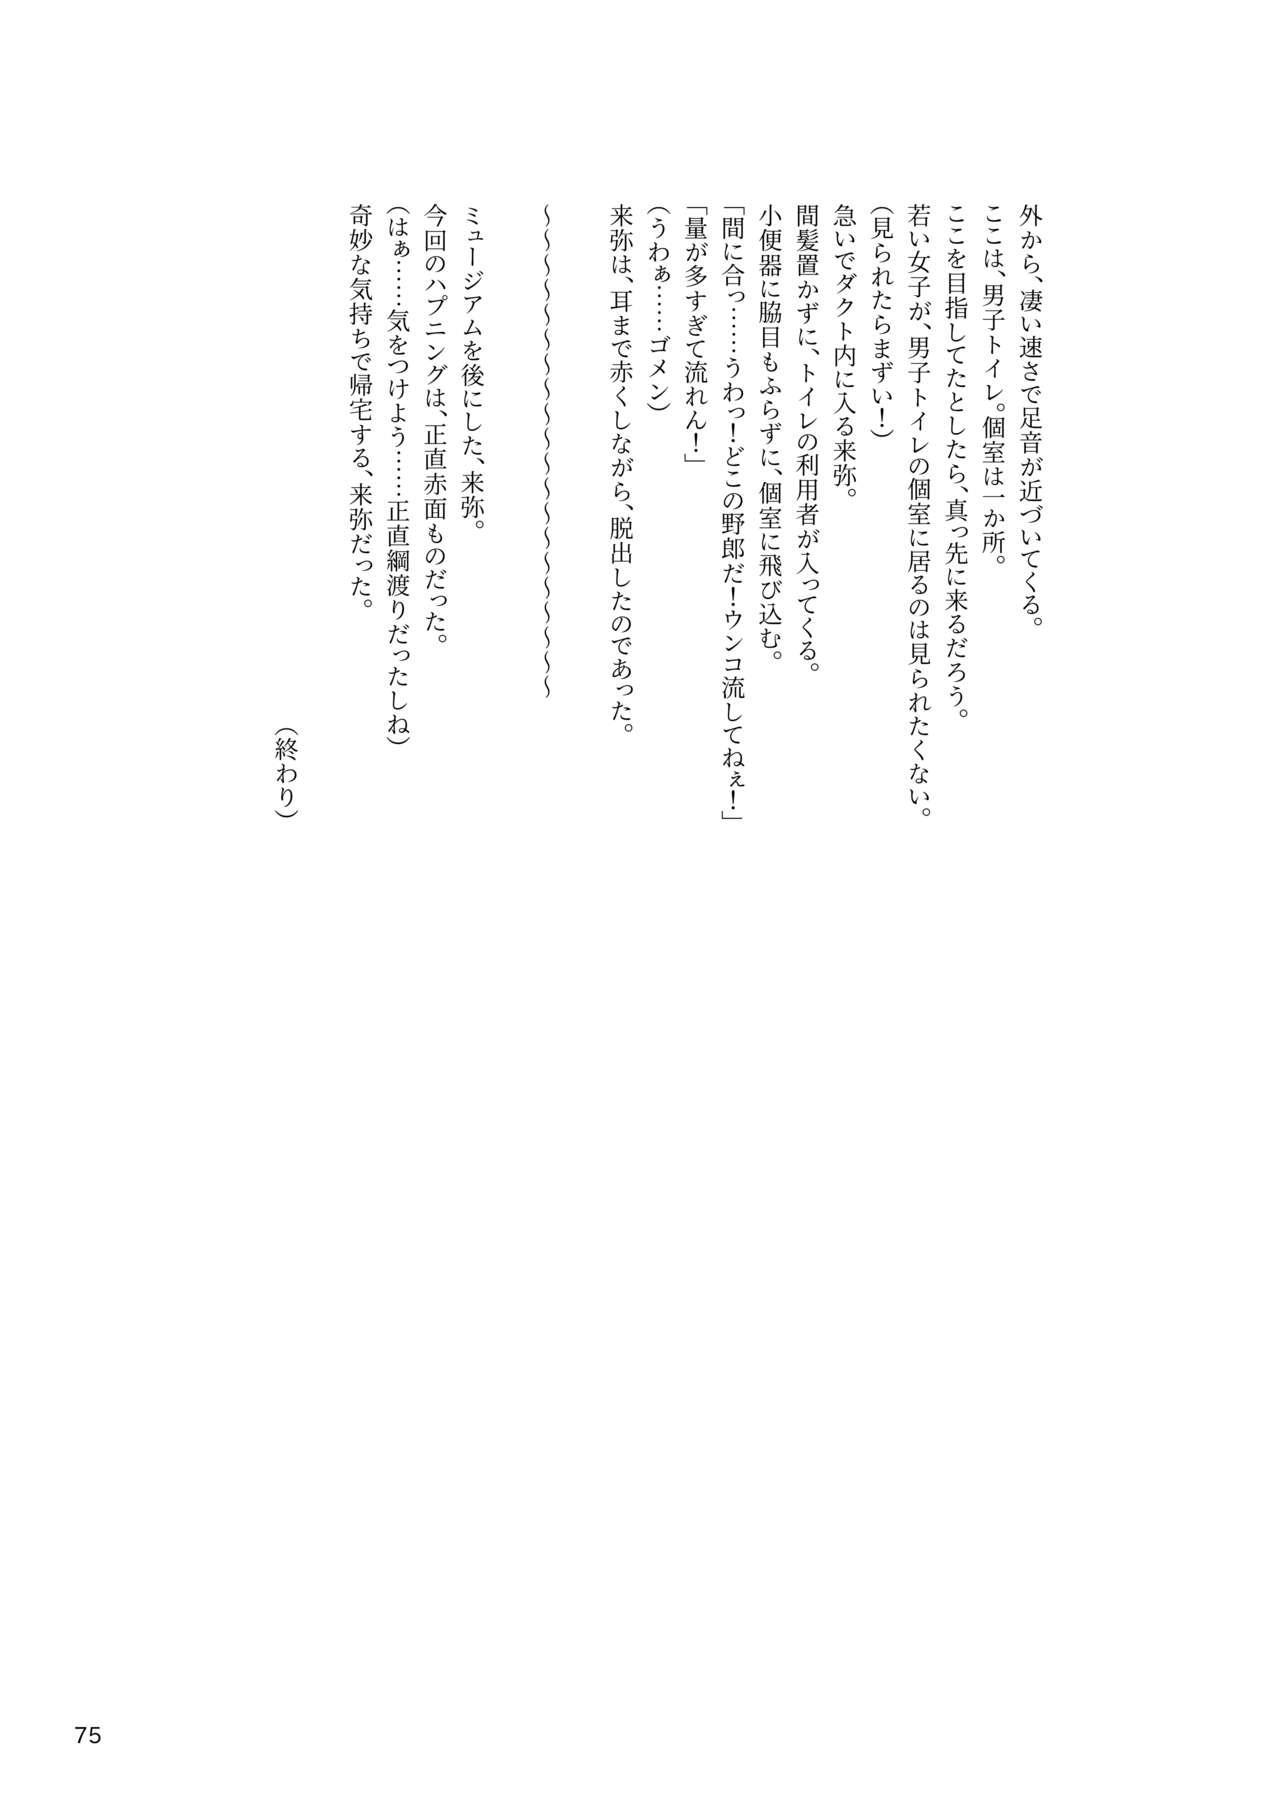 ア○スギア総合スカトロアンソロジー アクトレス排泄実態調査任務~スカポためるっすか!?~ 74